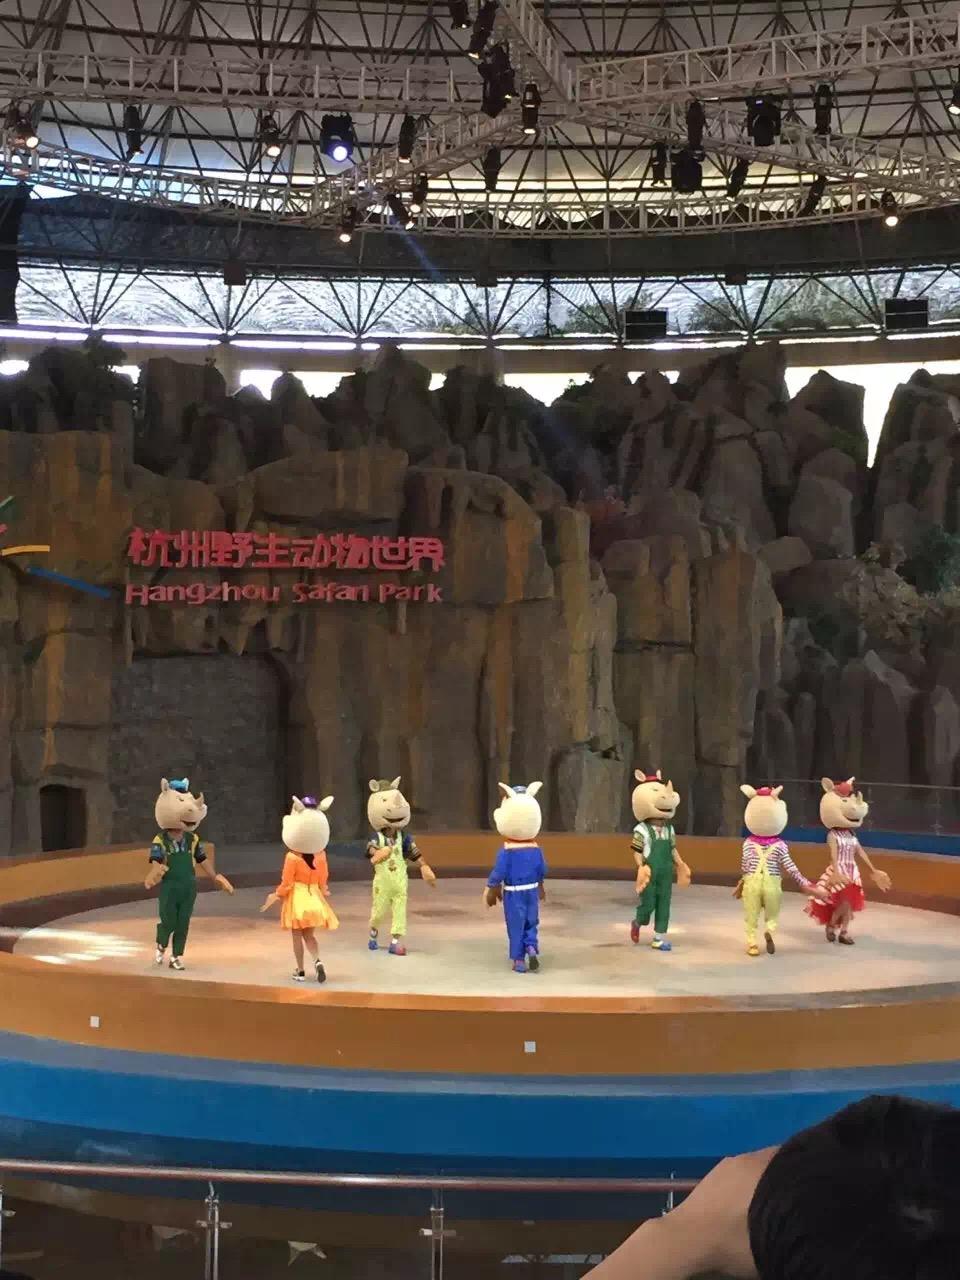 杭州野生动物世界杭州野生动物世界之前经常去杭州园